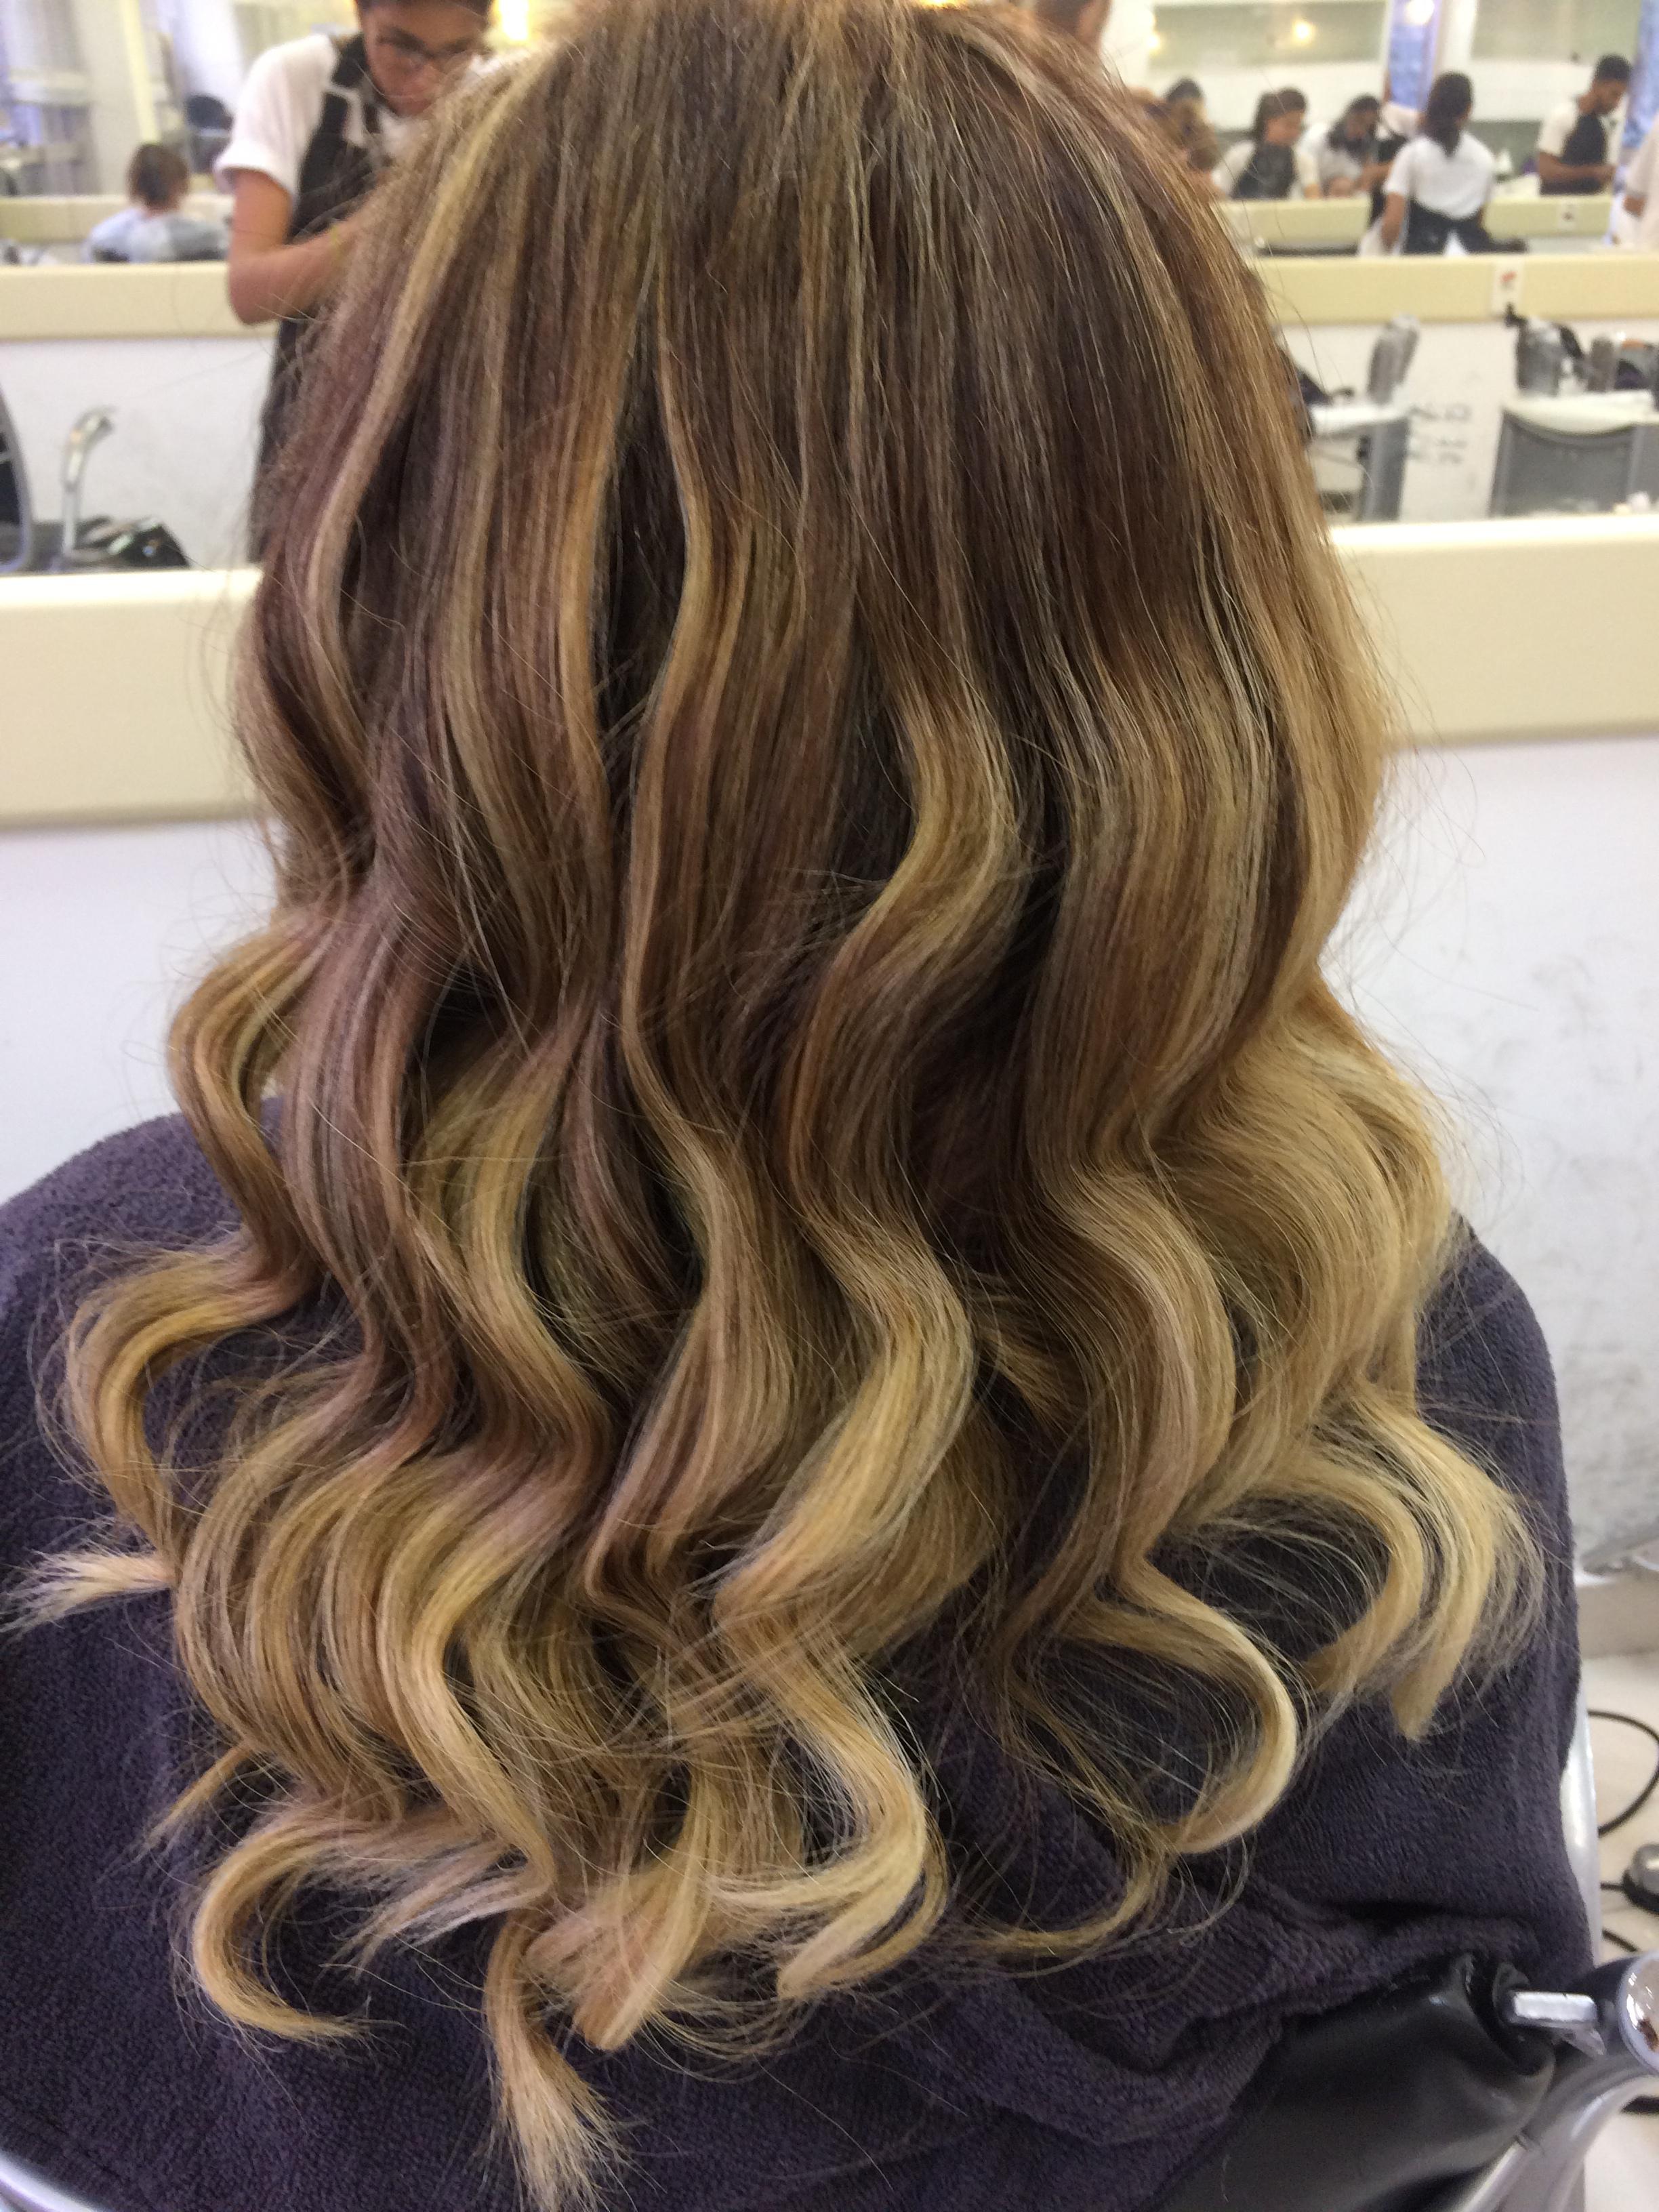 Trabalho de correção de cor + ombre hair  cabelo auxiliar cabeleireiro(a)